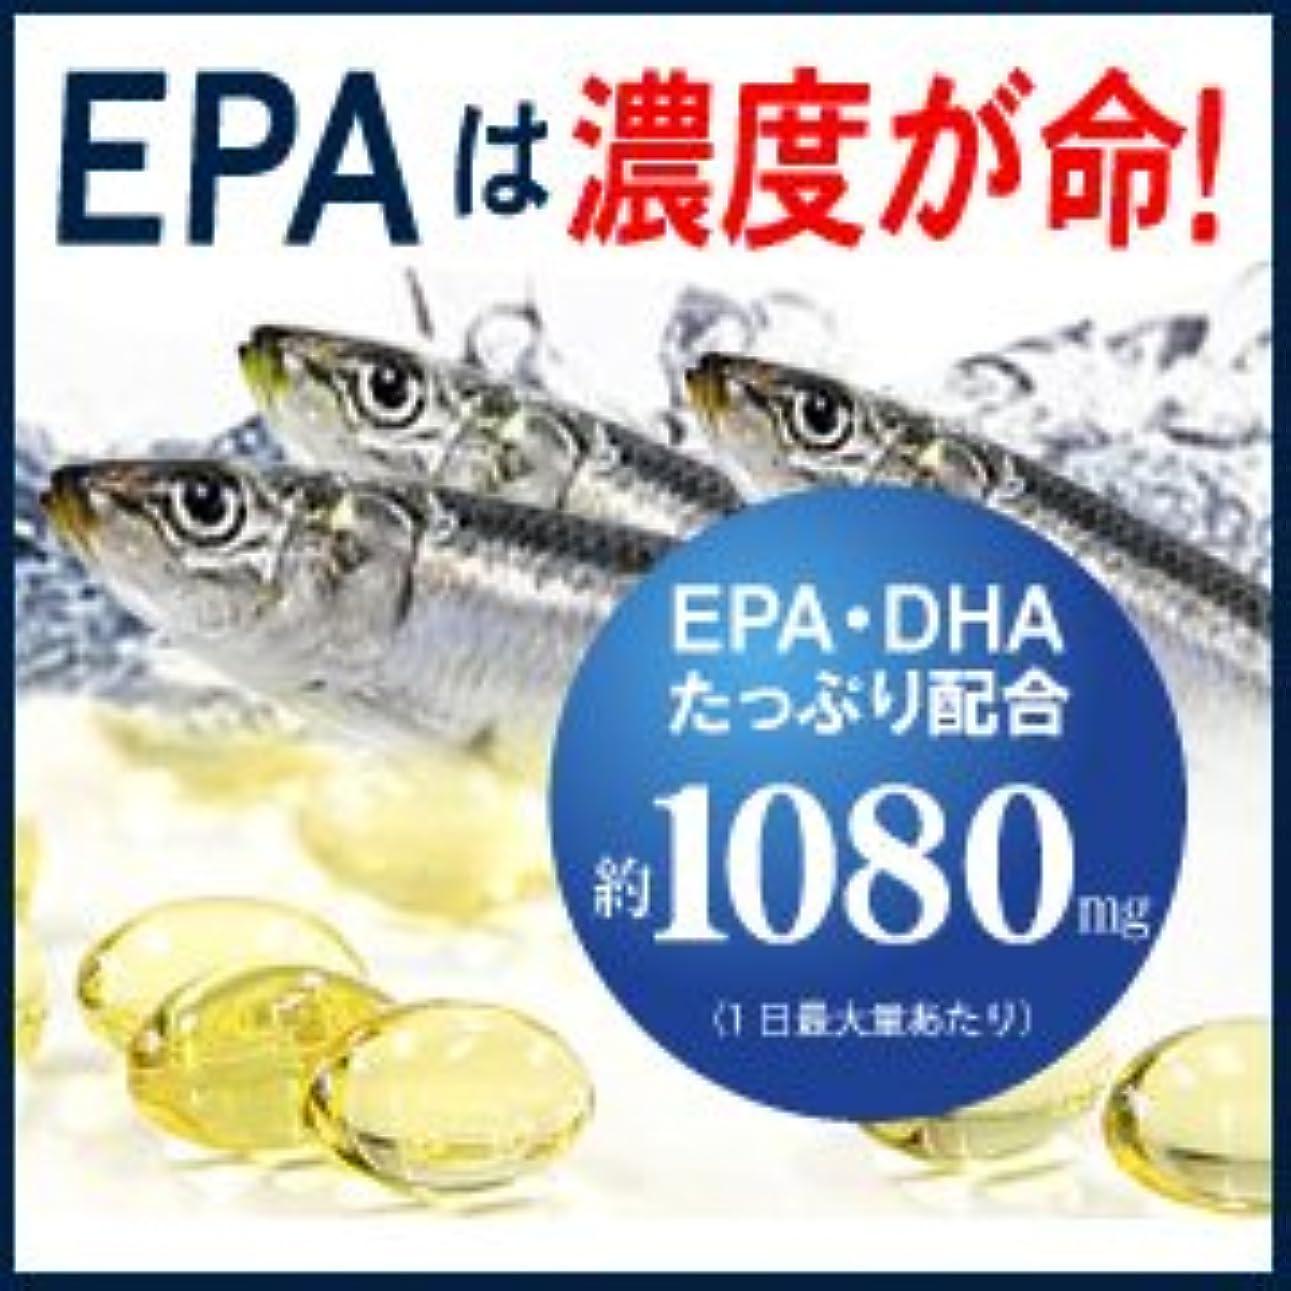 愛撫クマノミ判決高濃度EPAサプリの決定版 アレルリボーテ 180錠 オメガ3系不飽和脂肪酸 EPA/DHA高含有